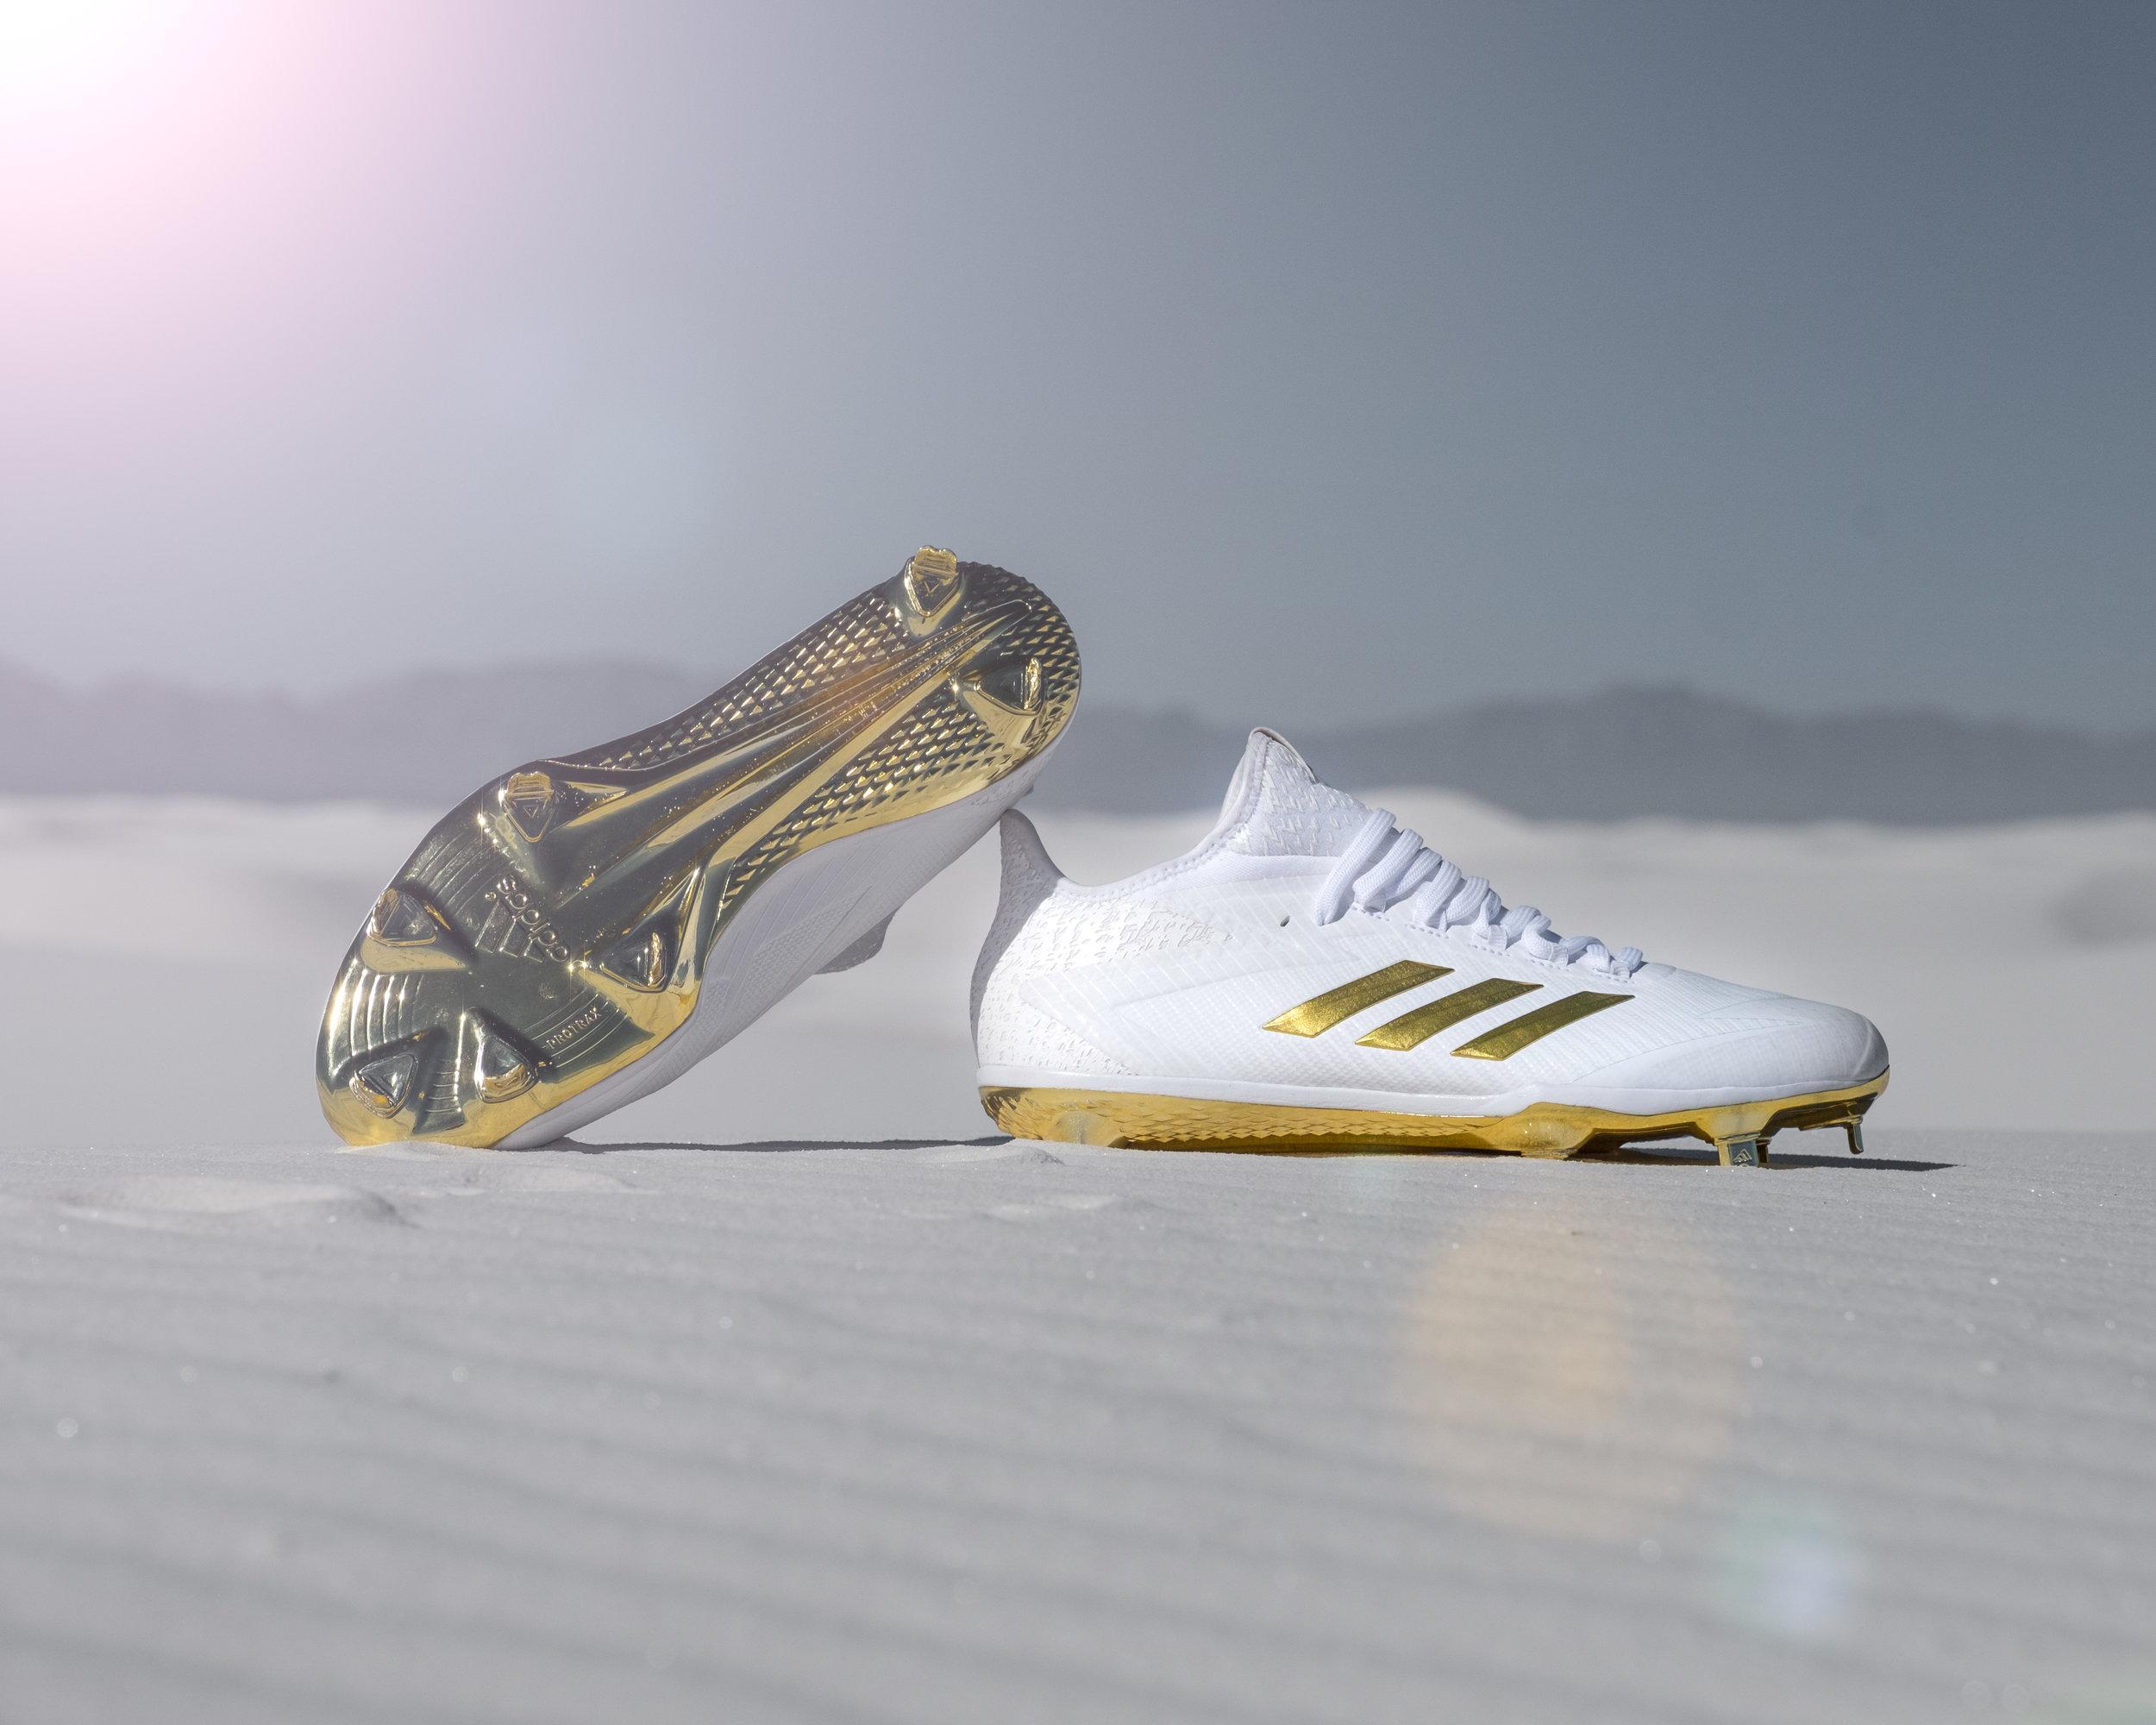 Adidas0001-4.jpg